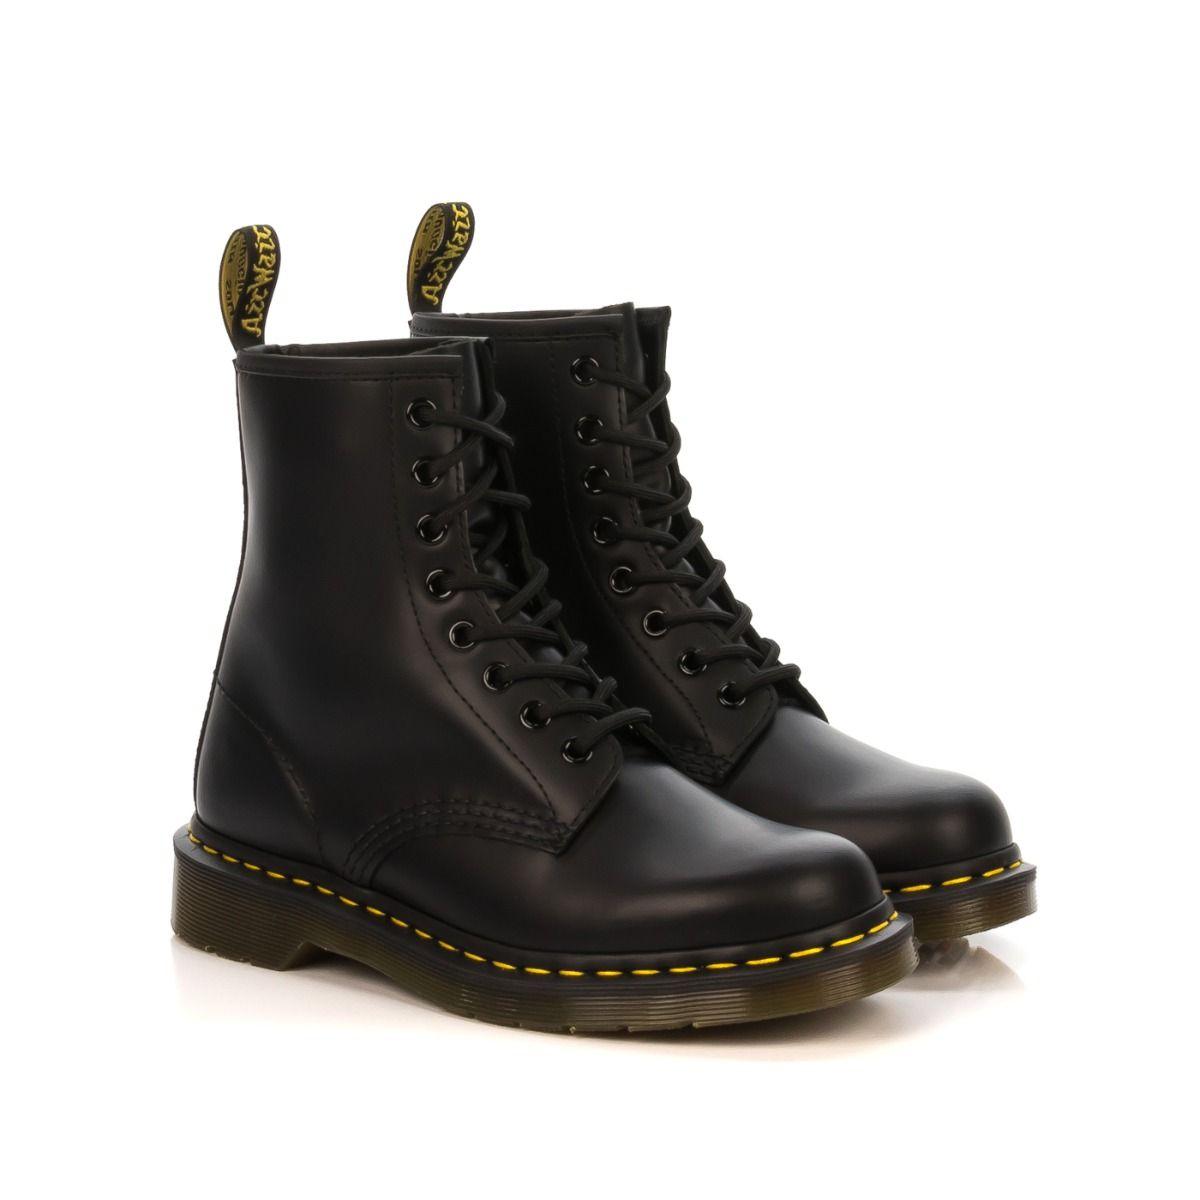 scarpe casual migliore vendita vendita usa online dr martens alte nere opache prezzo